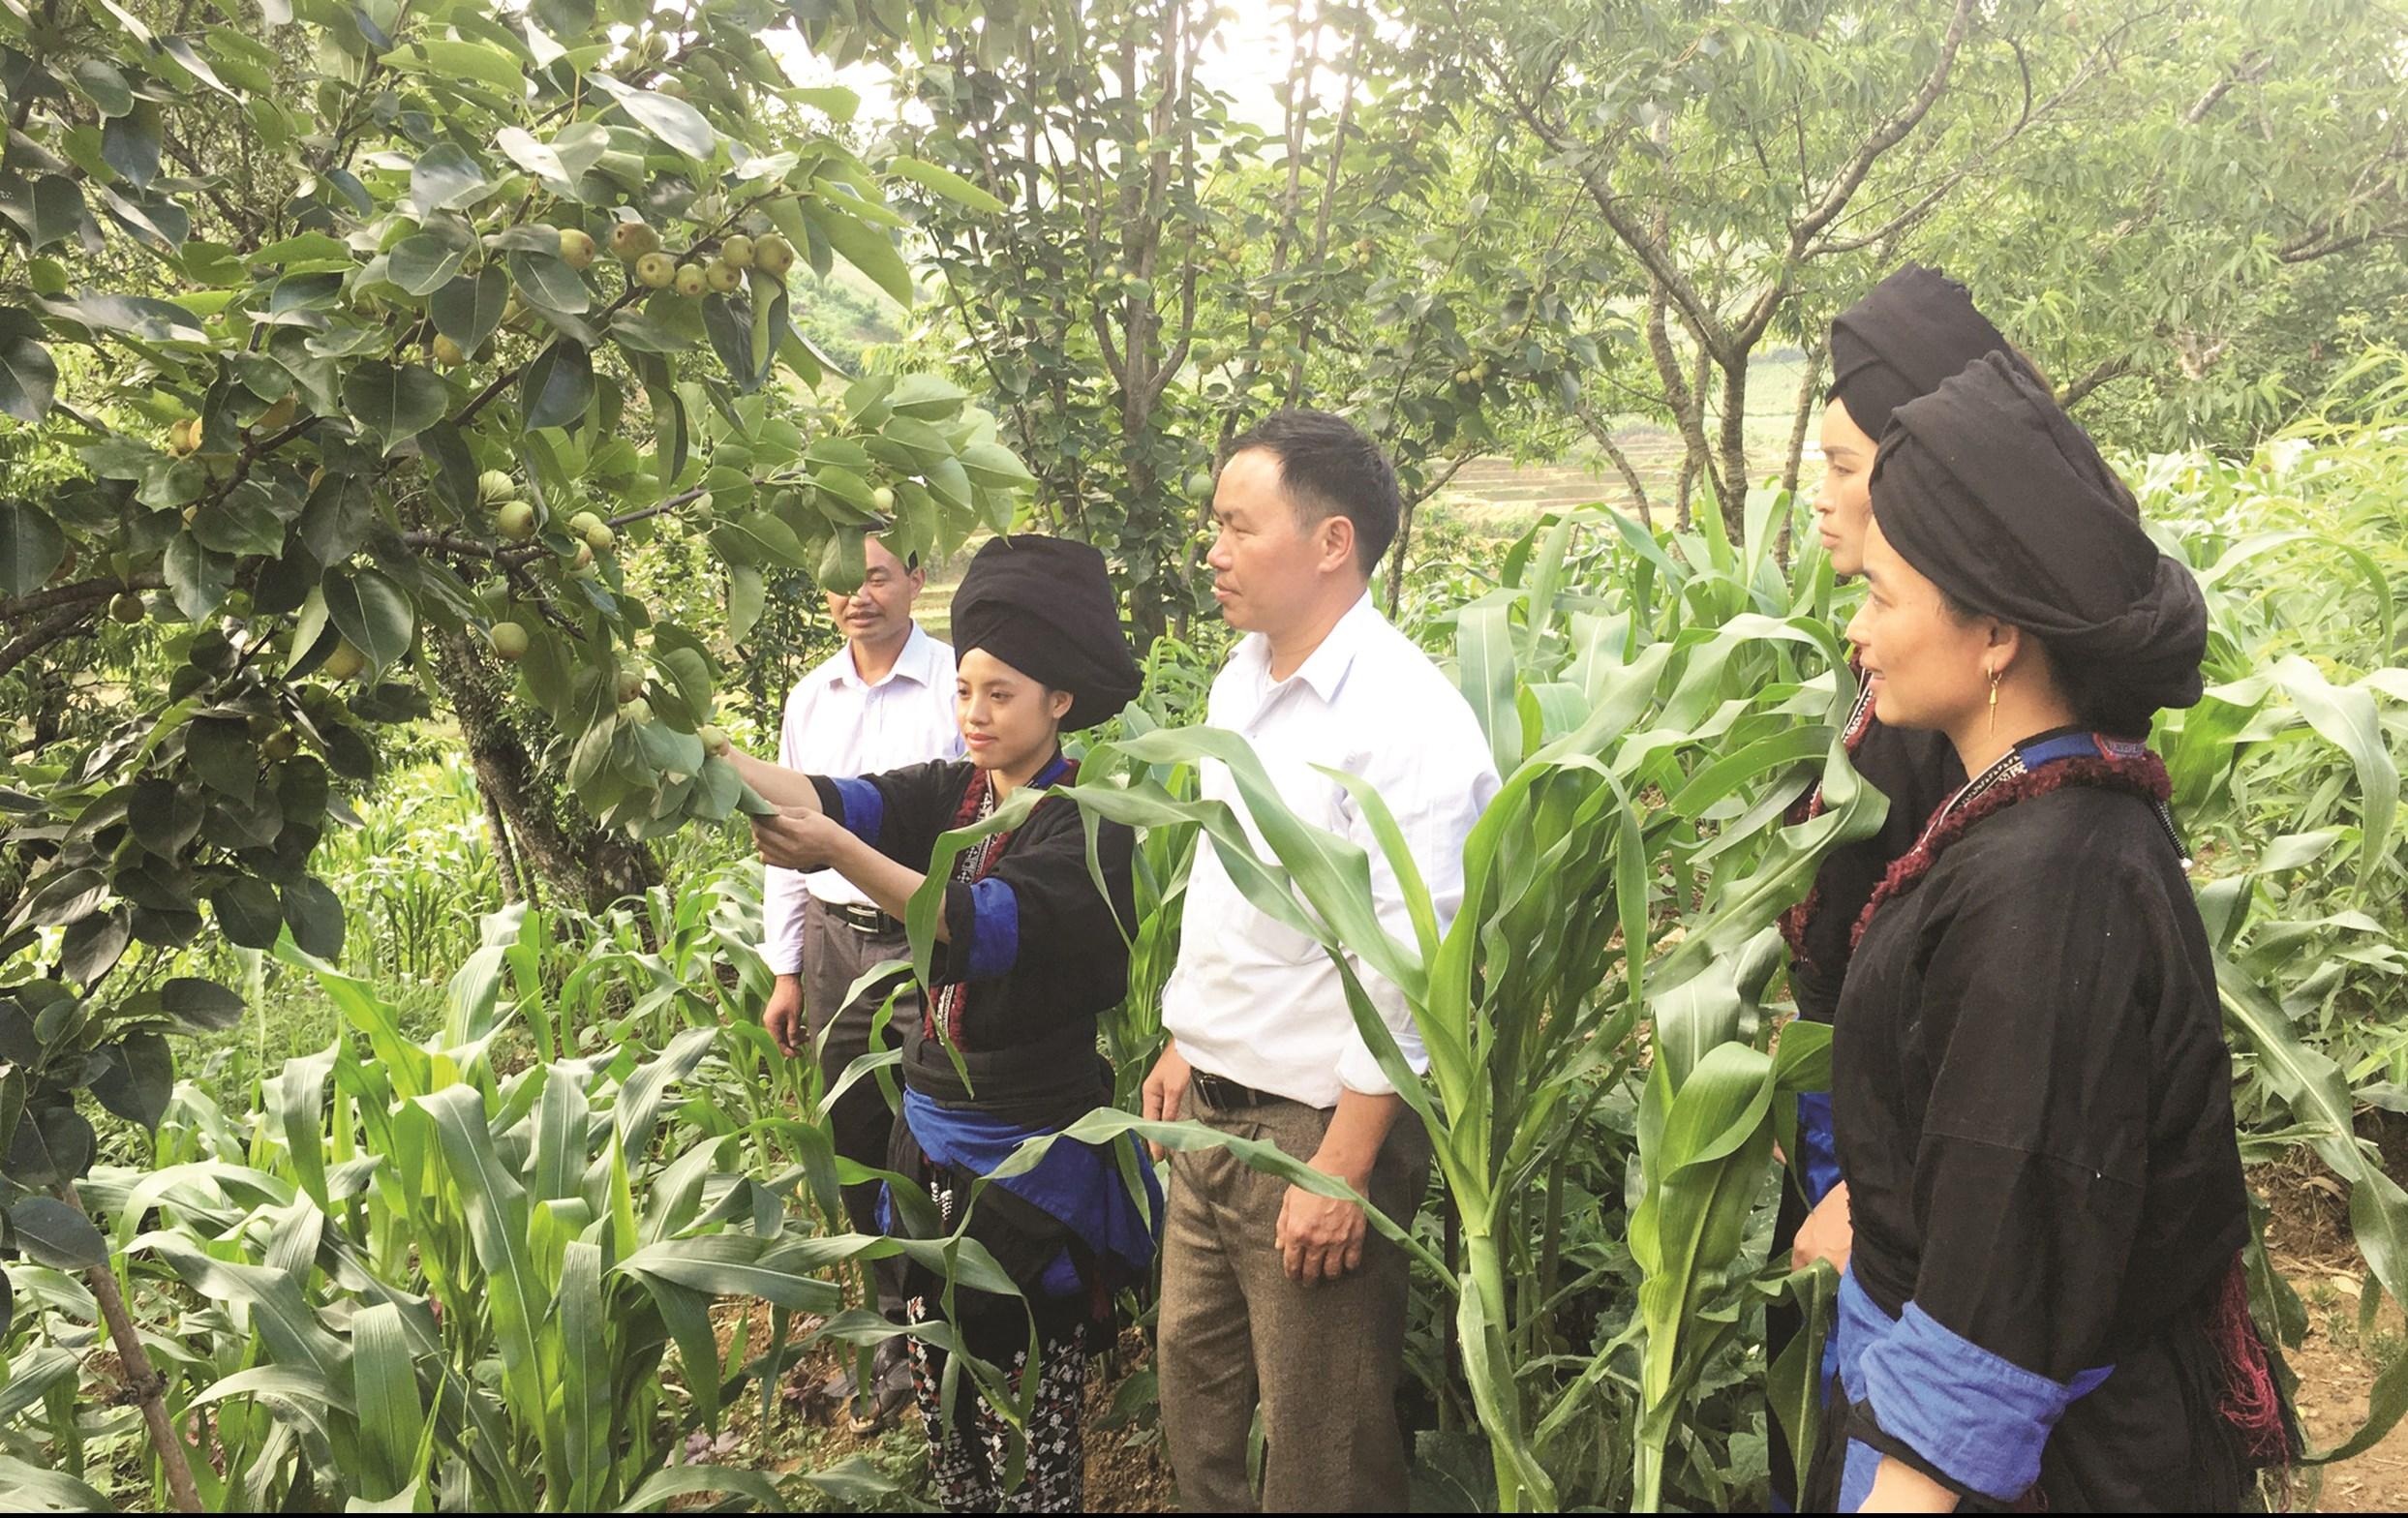 Người dân xã Sà Dề Phìn phát triển mô hình trồng lê mang lại giá trị kinh tế cao.